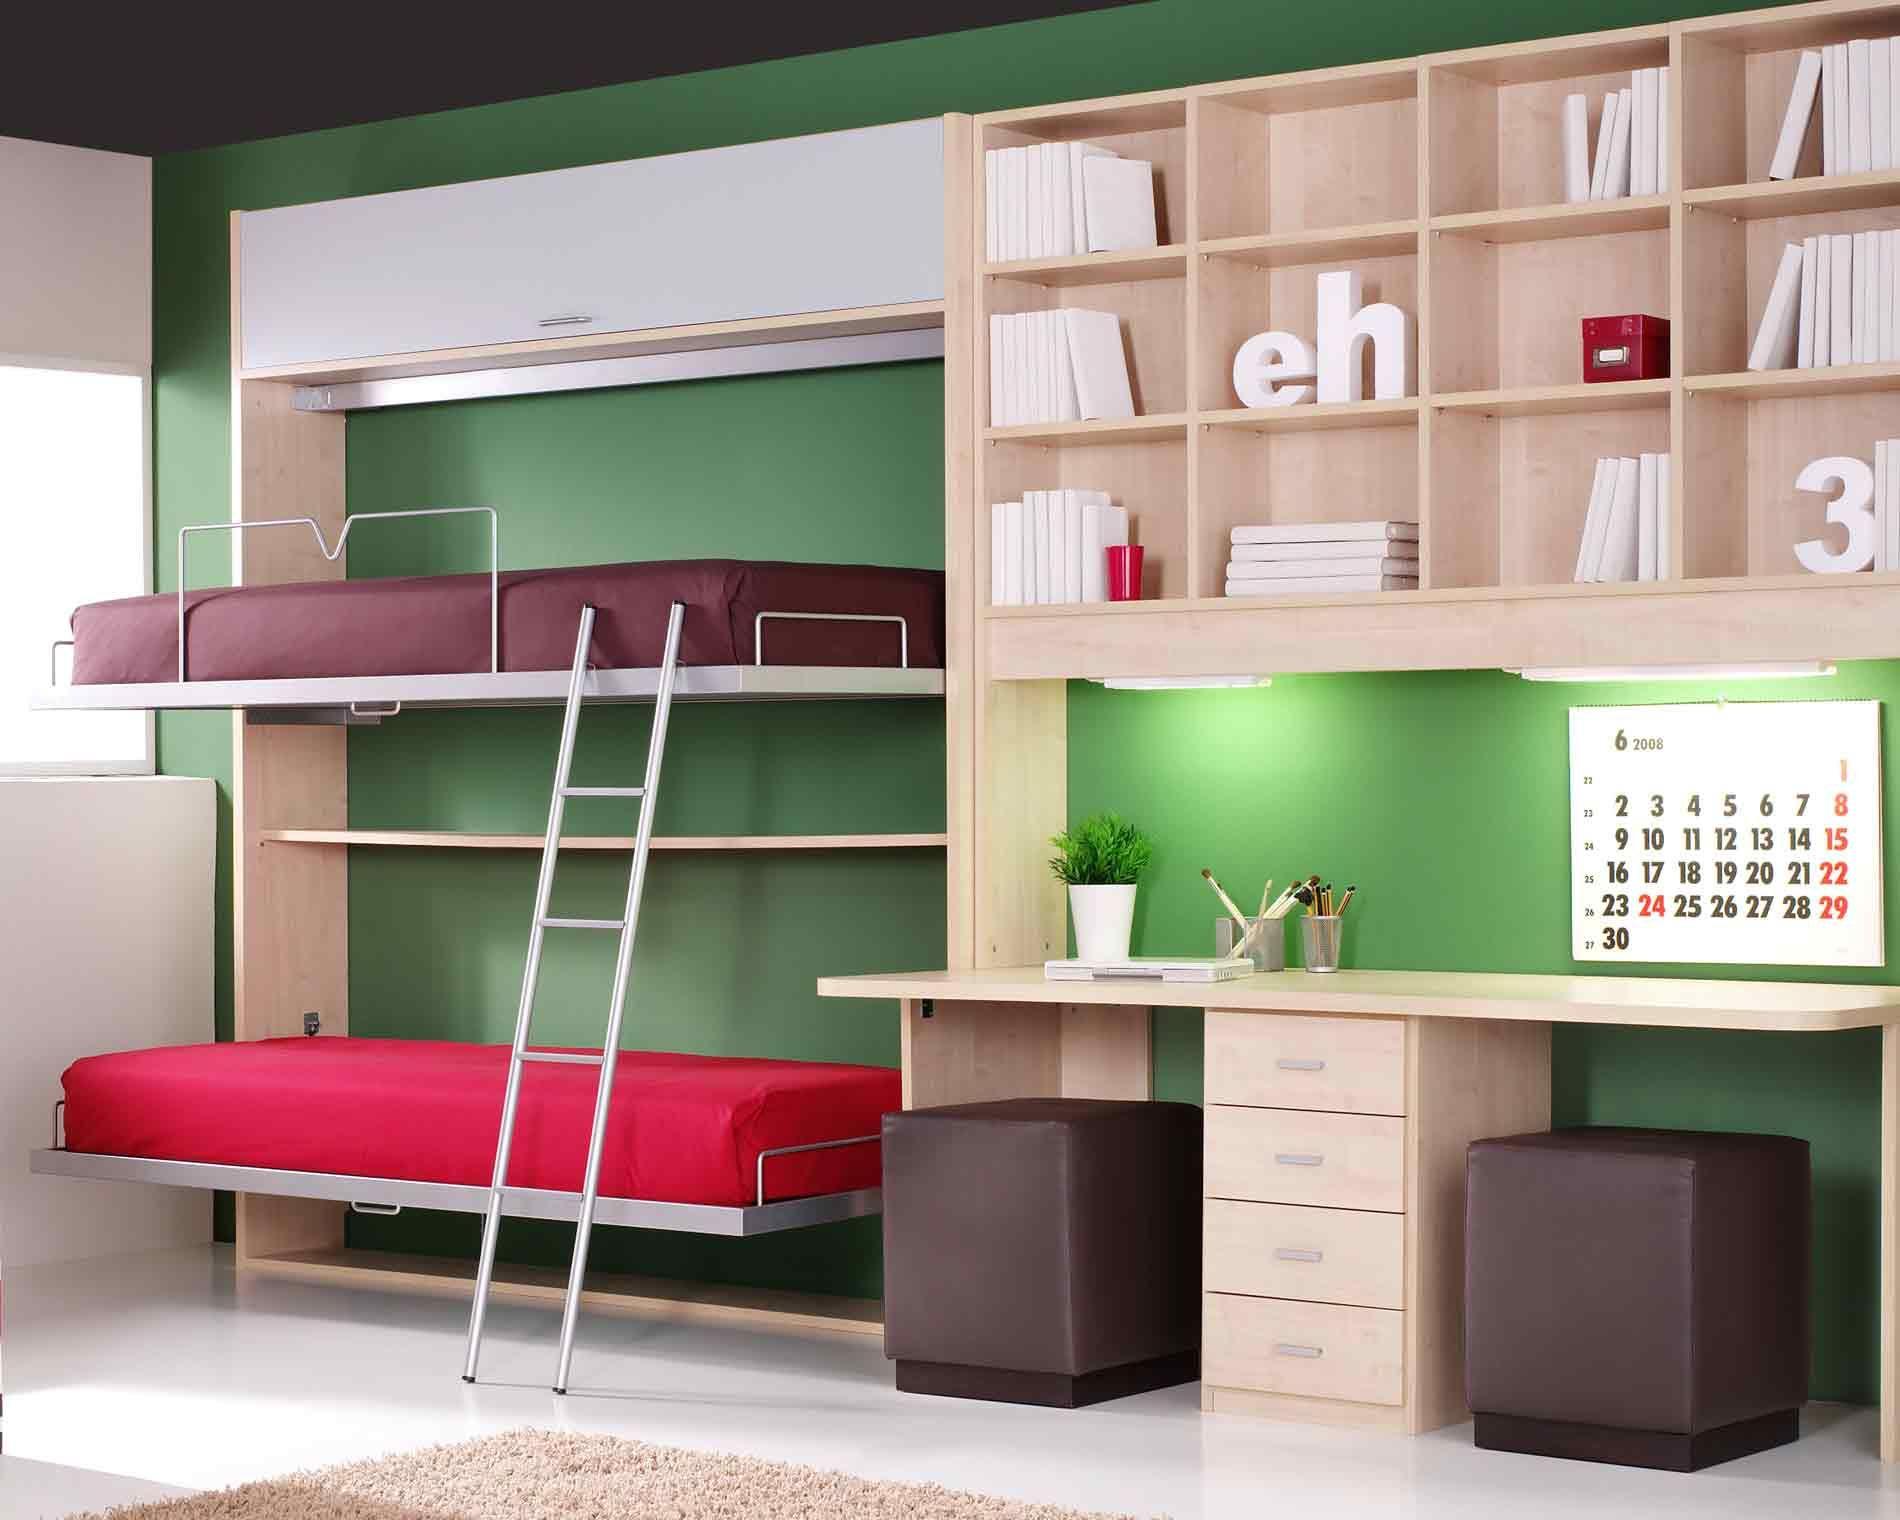 Todo para habitaciones y dormitorios infantiles y juveniles ...